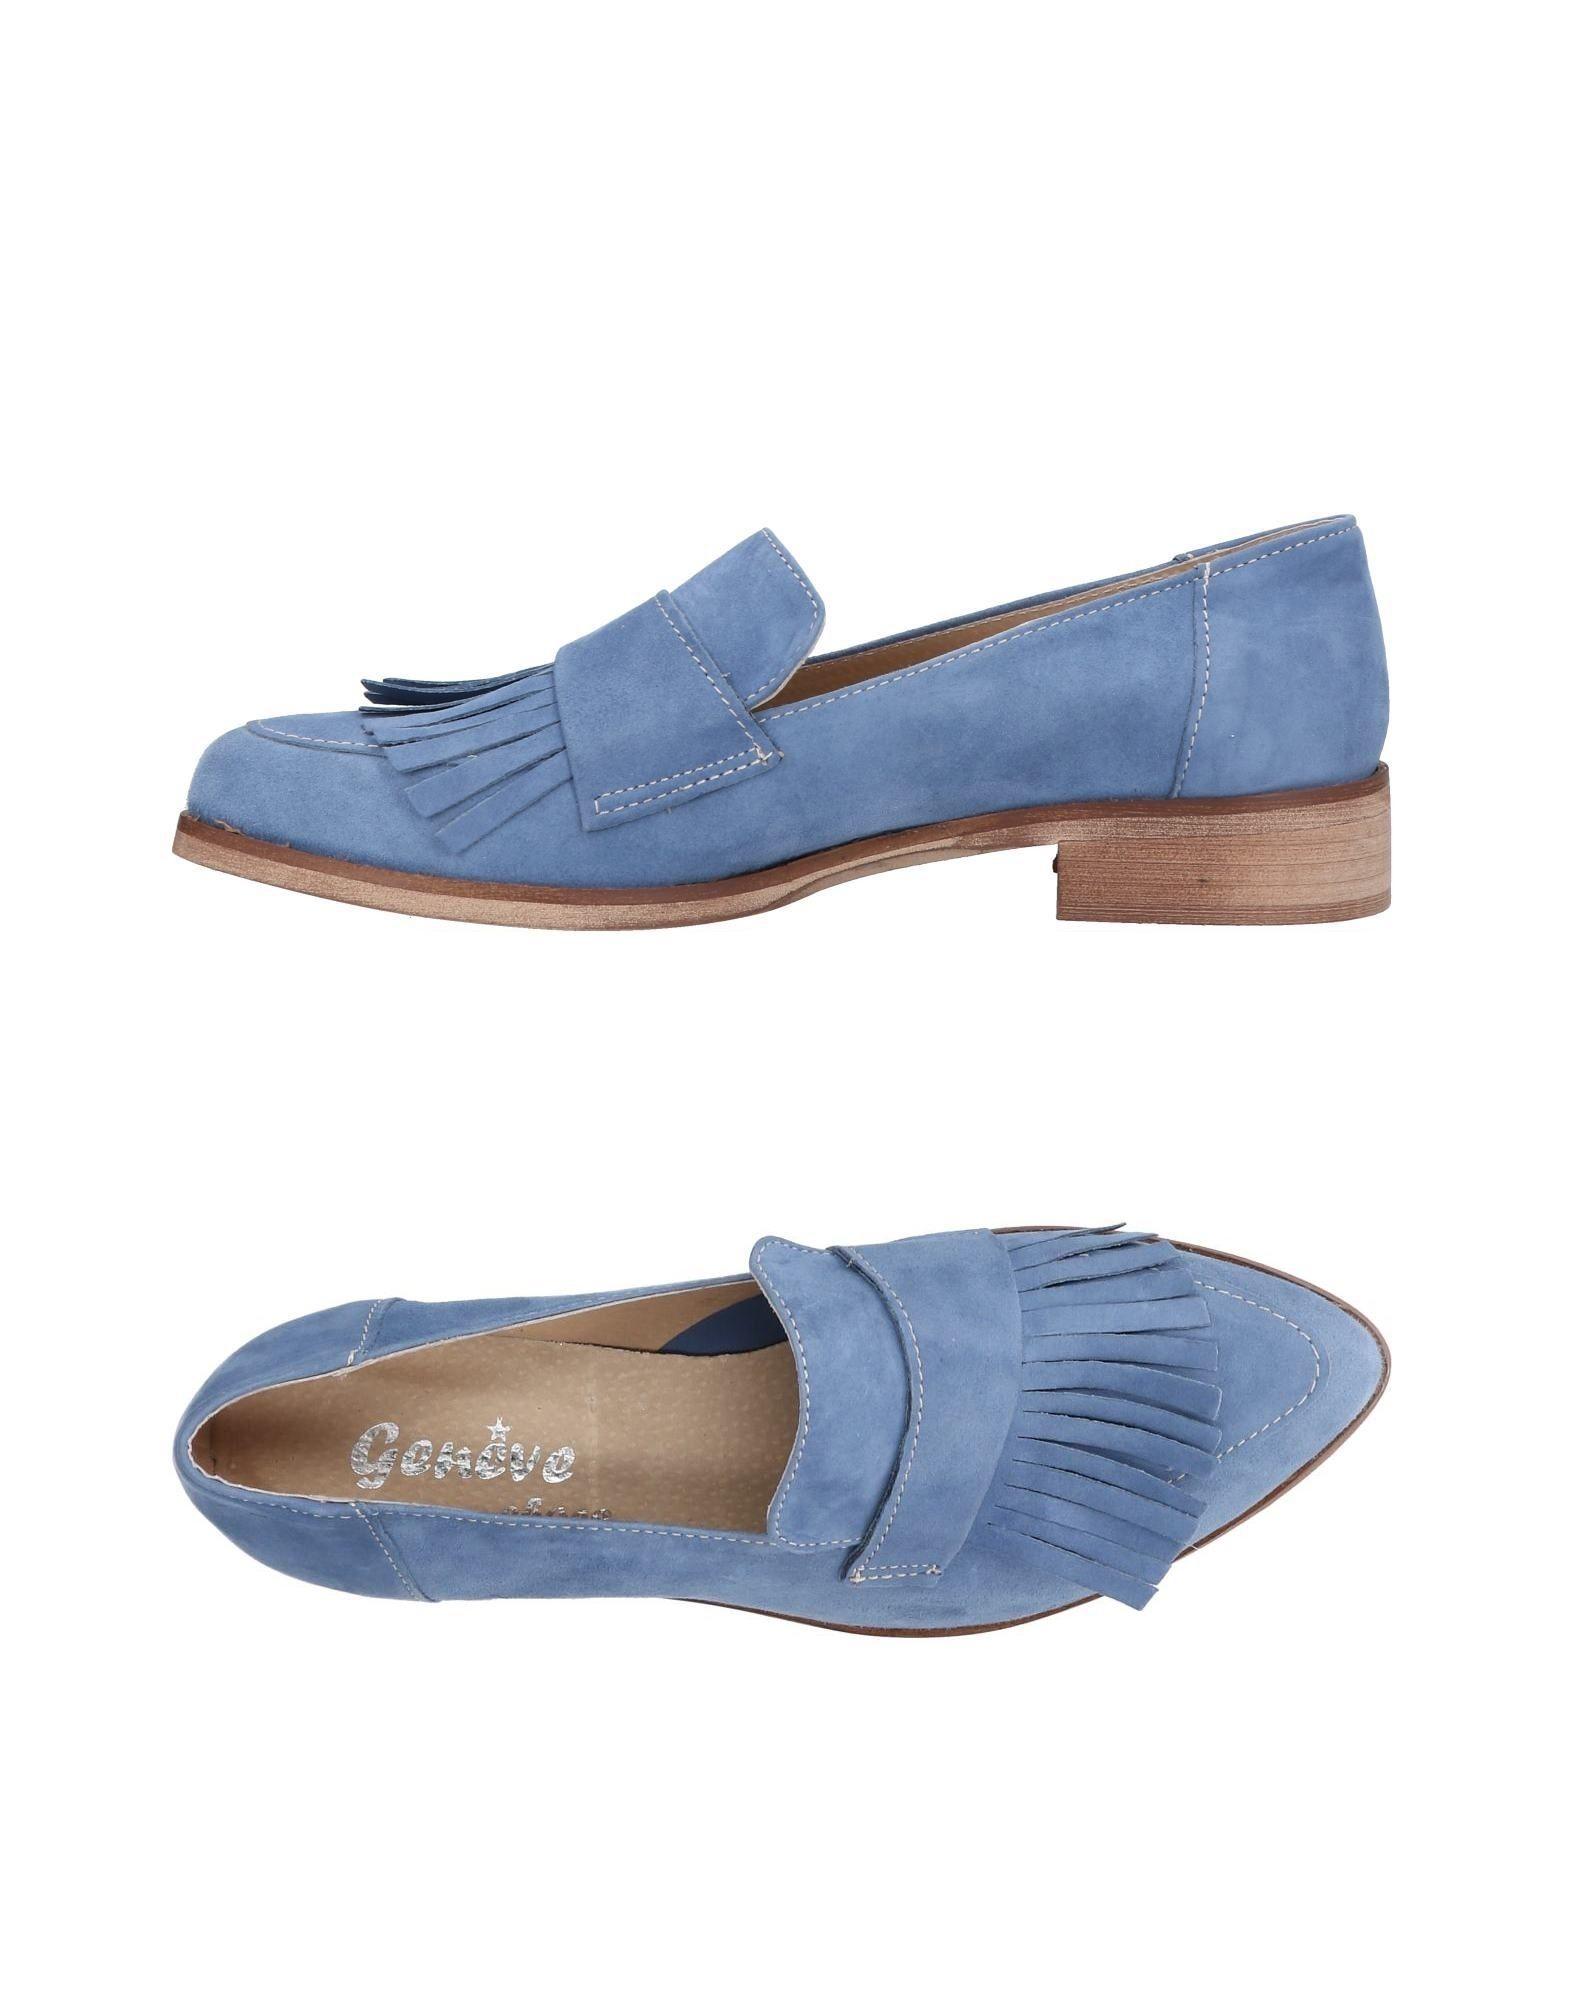 Geneve Mokassins Damen  11467714RG Gute Qualität beliebte Schuhe